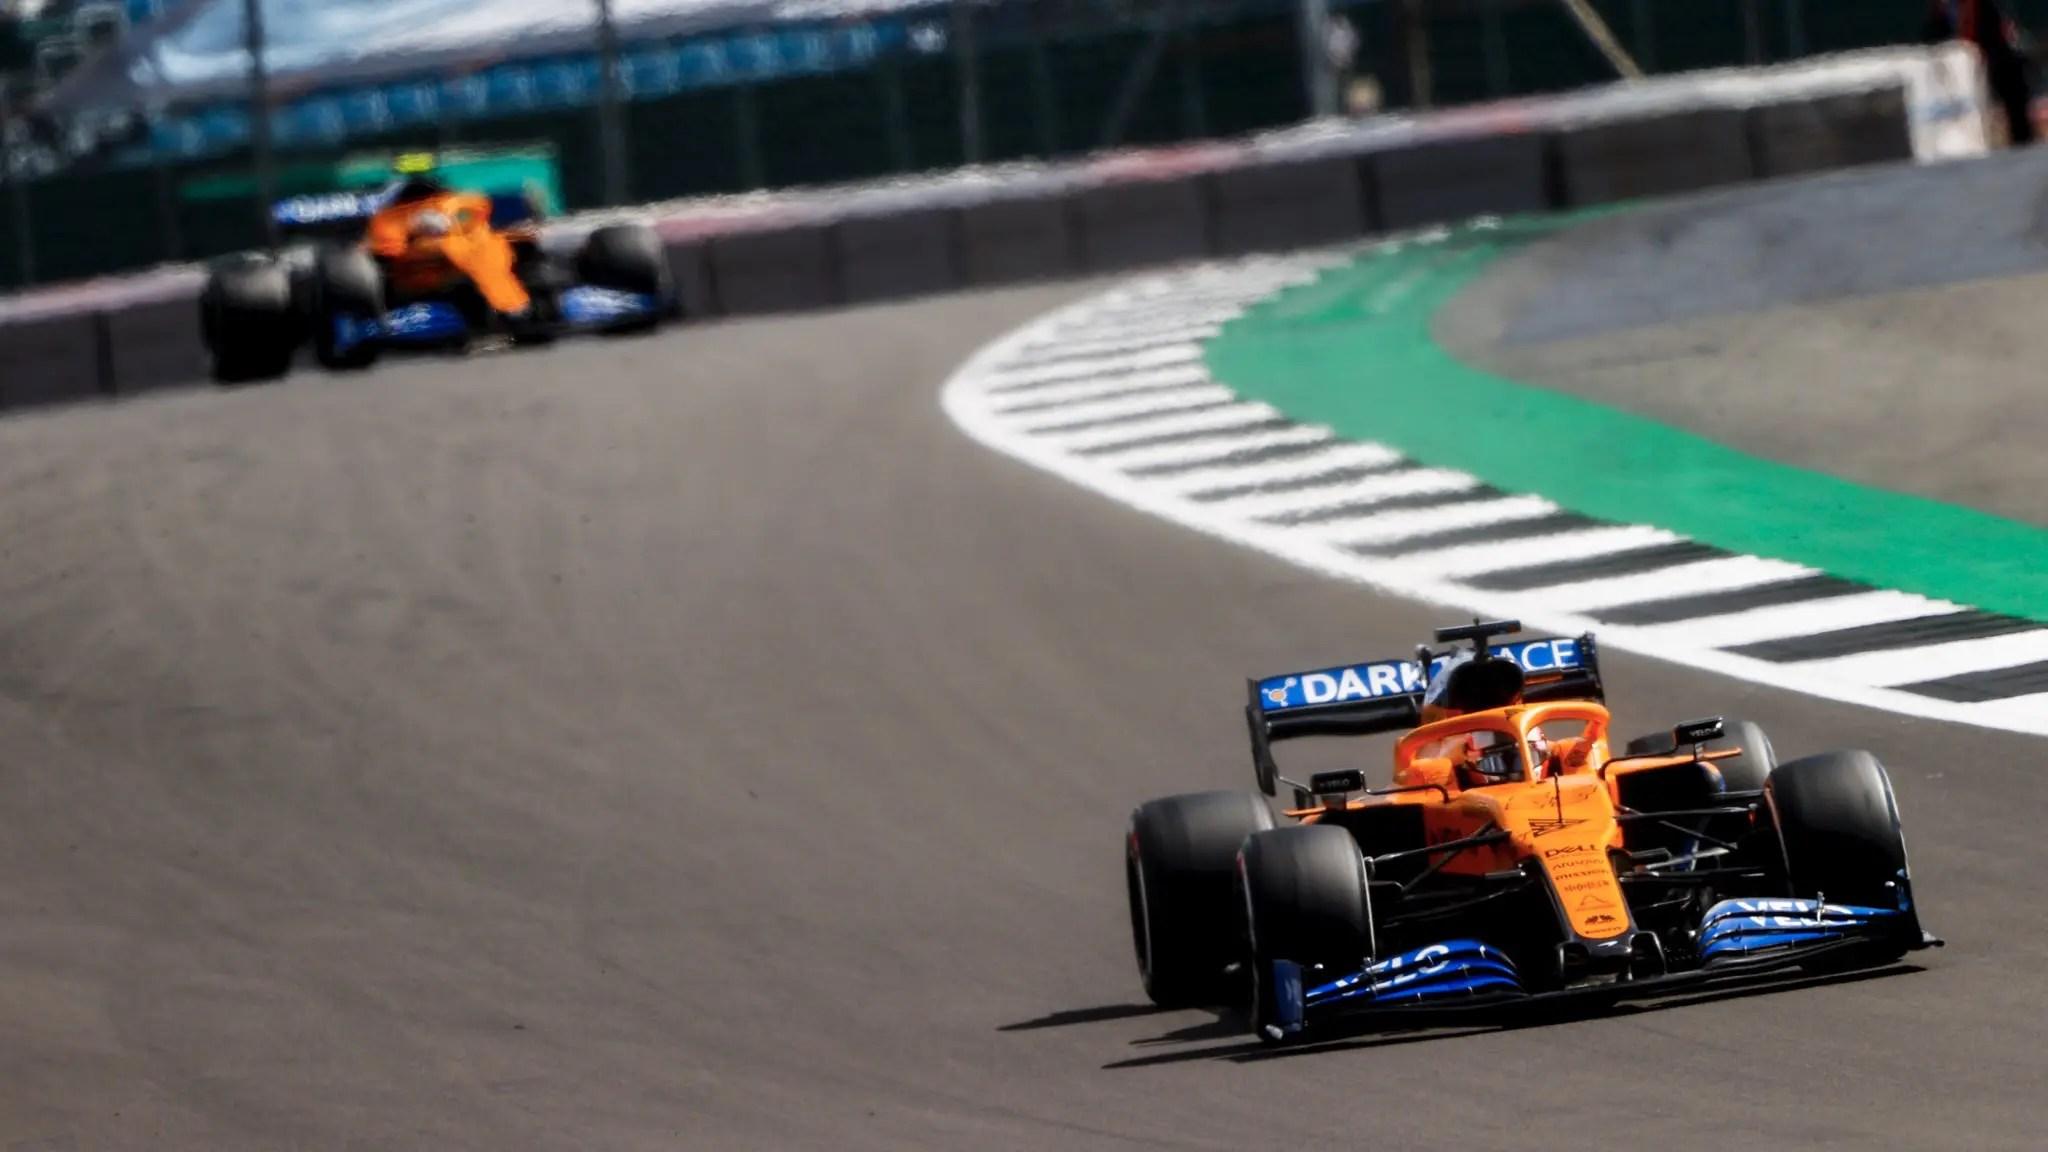 Pirelli confirme une augmentation des pressions sur ses pneus ce week-end